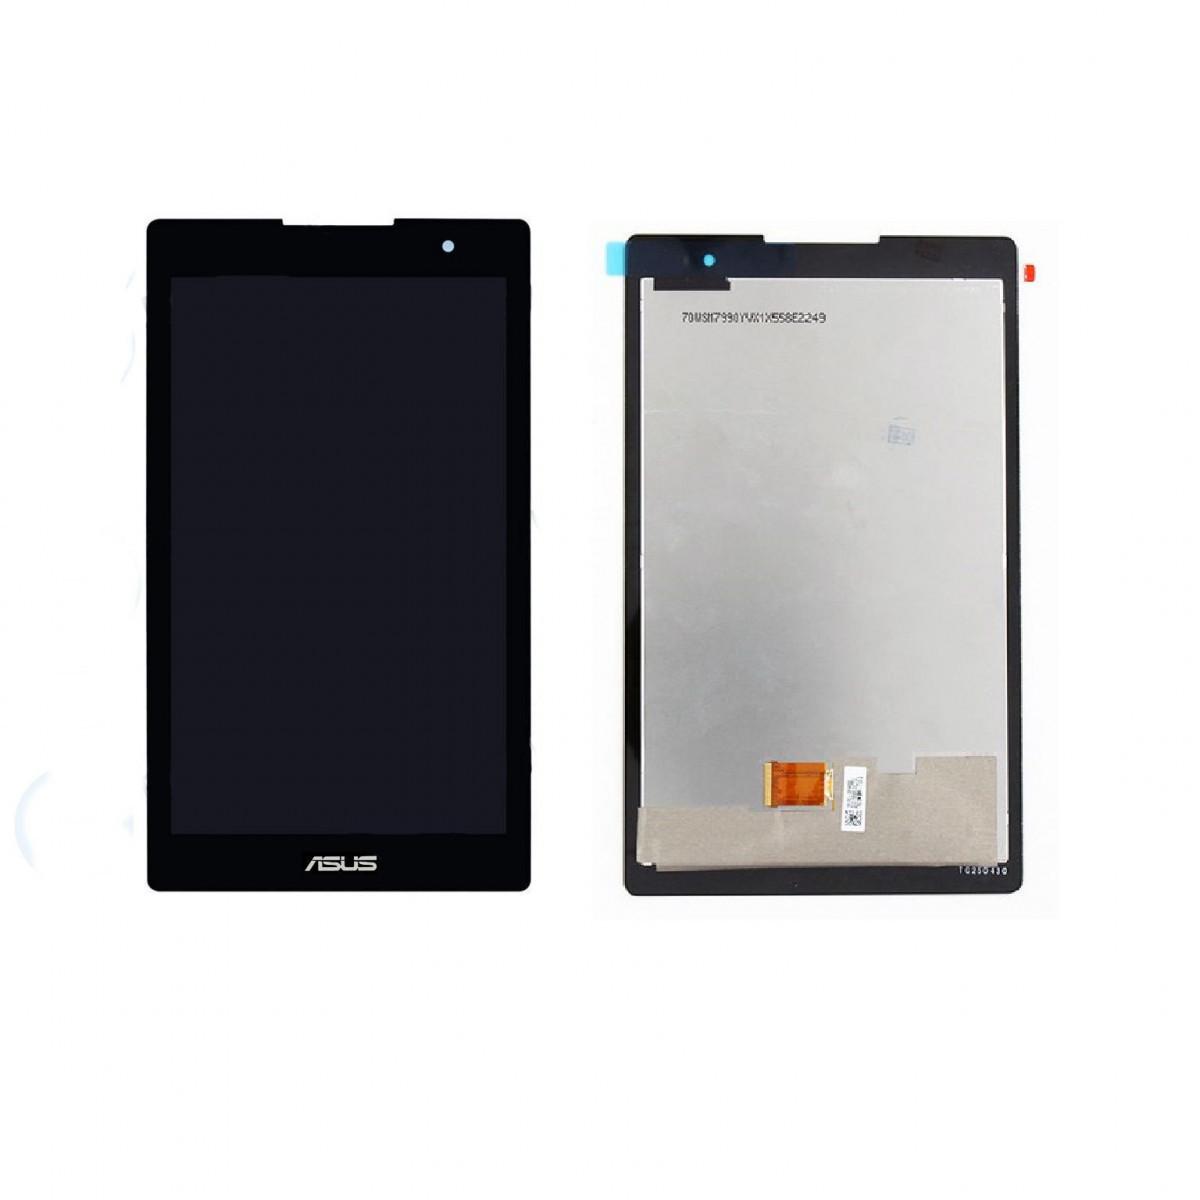 Картинка Дисплей Asus Z170MG (ZenPad C 7.0) в сборе с тачскрином Черный шлейф вверху от магазина NBS Parts